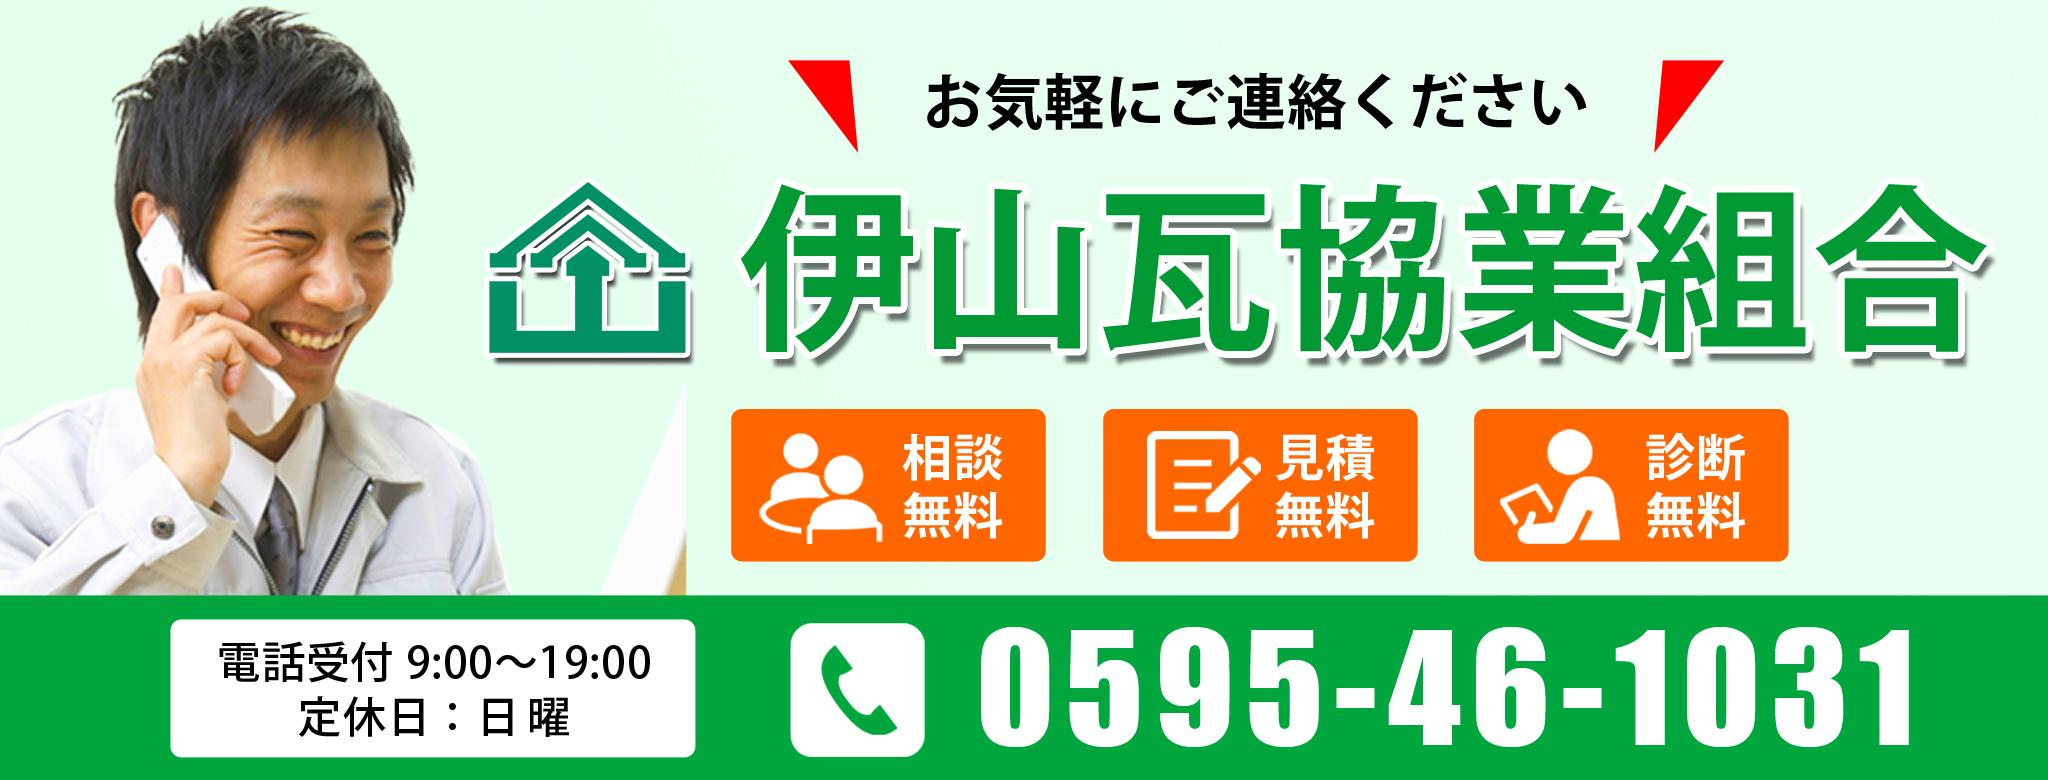 伊山瓦協業組合の電話番号は0595-46-1031です。